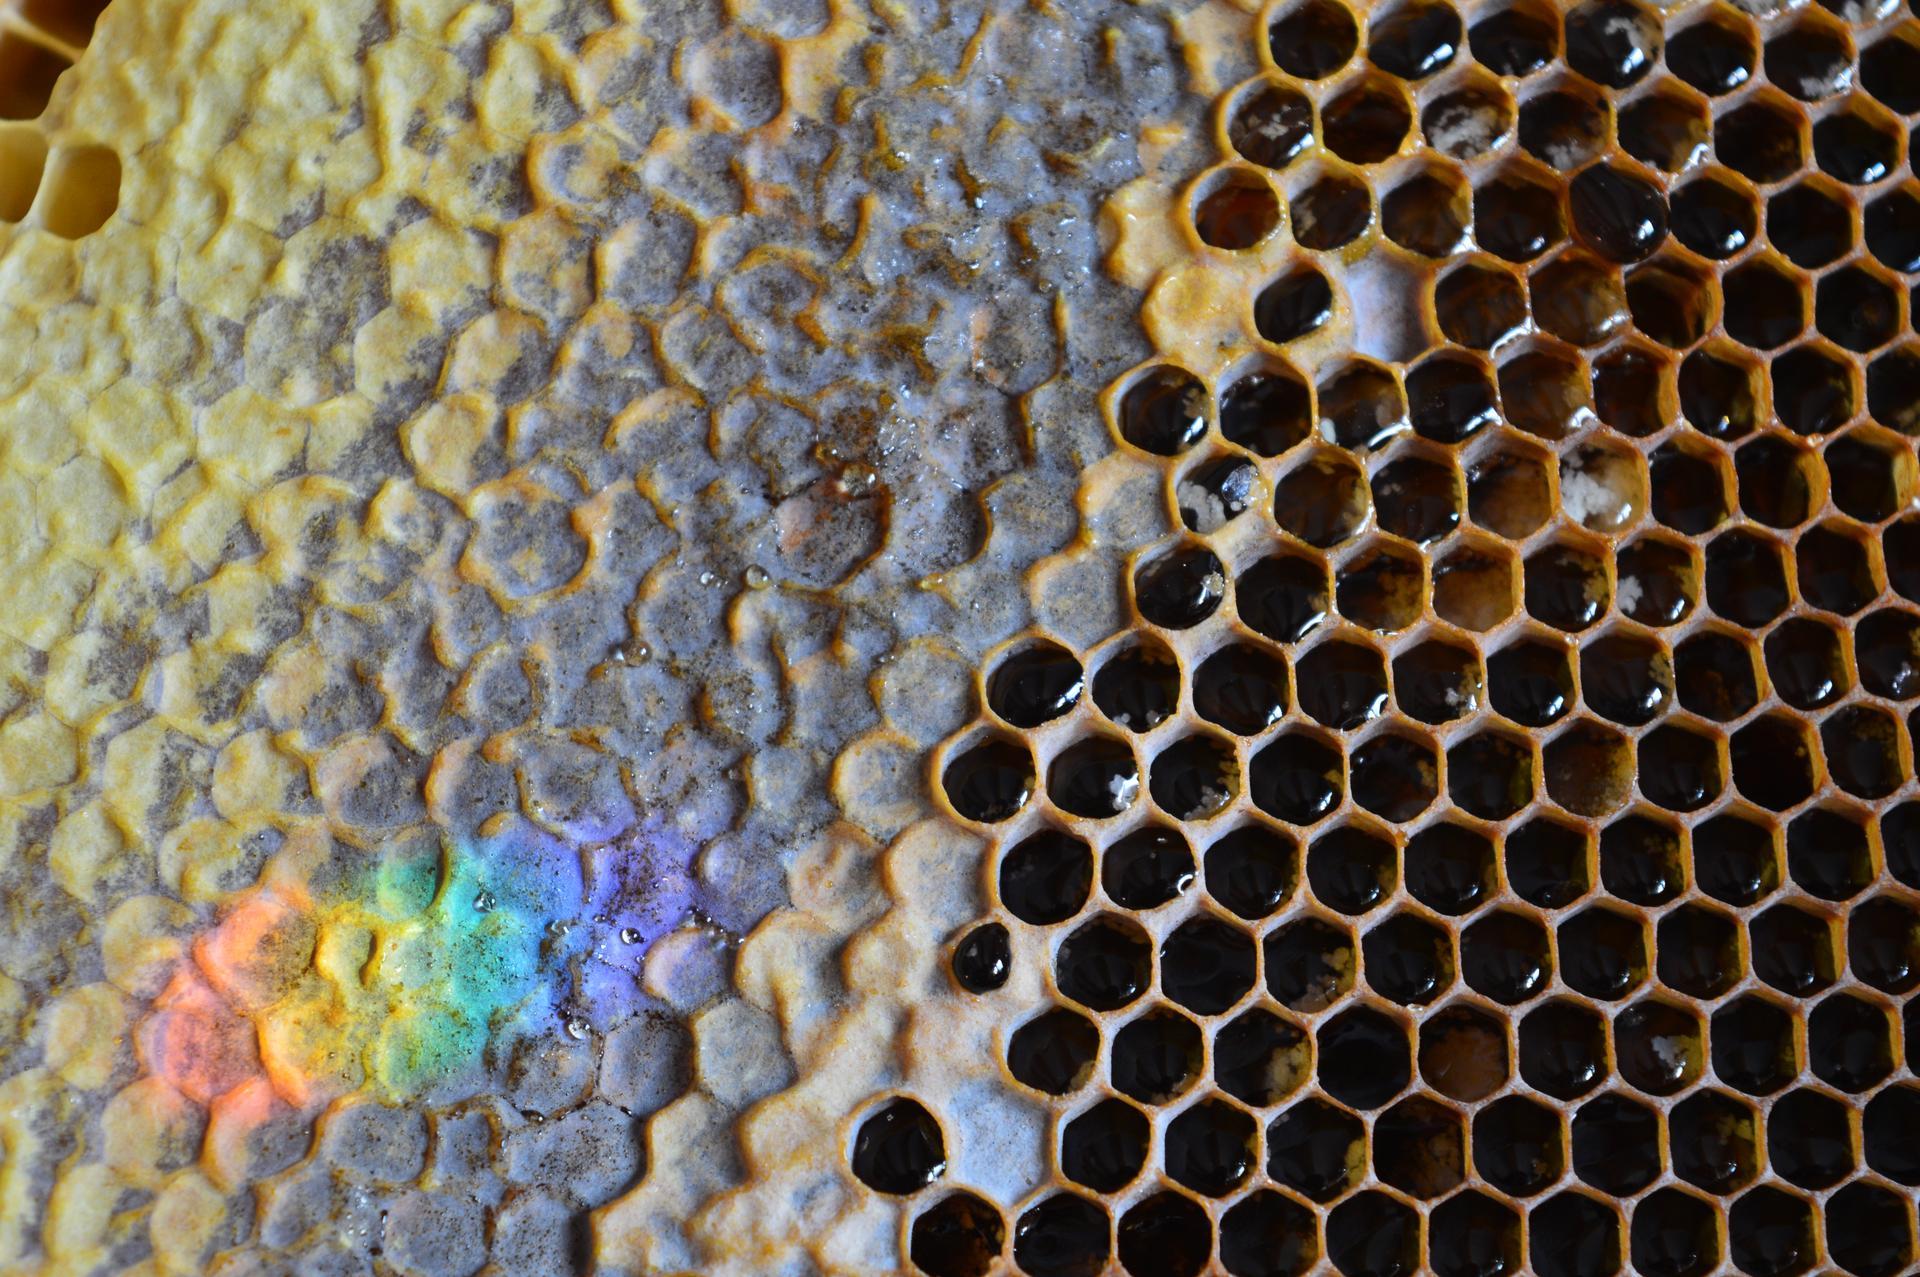 Naša prírodná perma záhradka v roku 2021 - 2/2021 - no a toto je poklad, ktorý po sebe včieločky zanechali - úľ plný medu